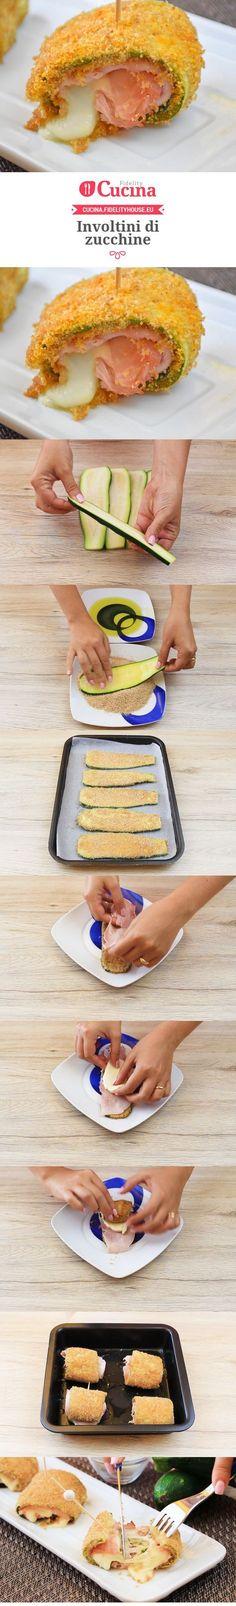 Involtini di #zucchine